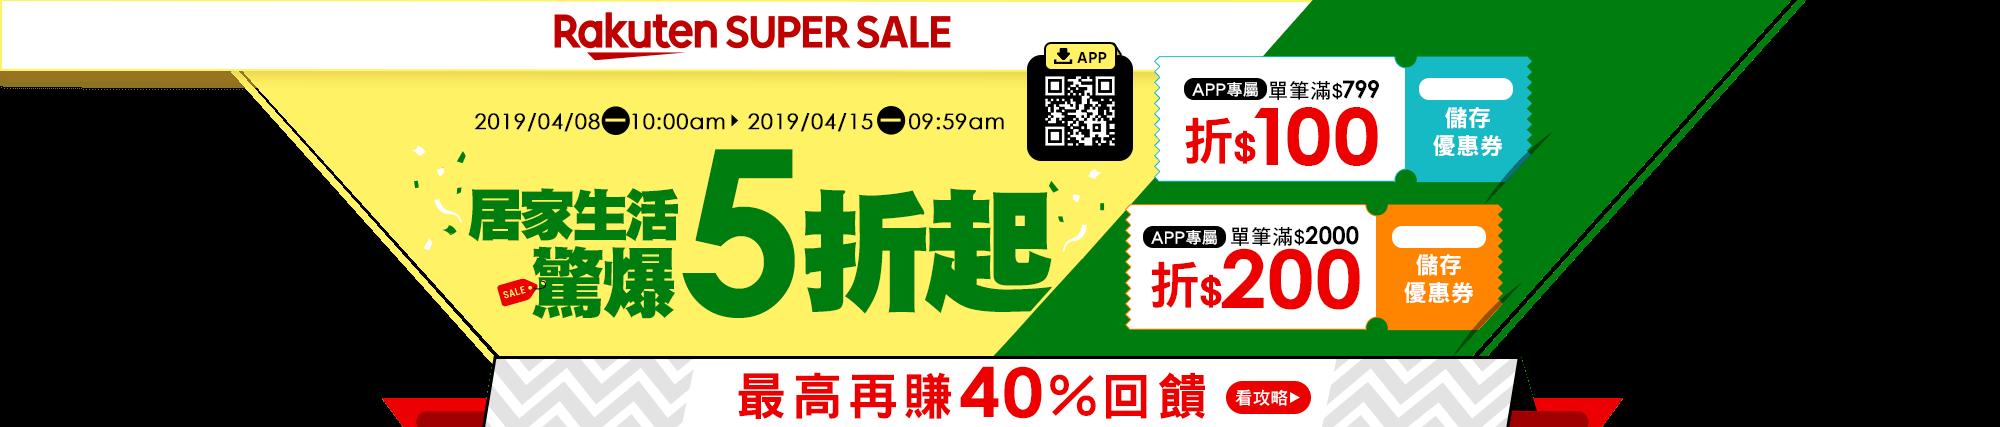 SUPER SALE超級特賣週:居家生活驚爆5折起,最高再賺40%點數回饋